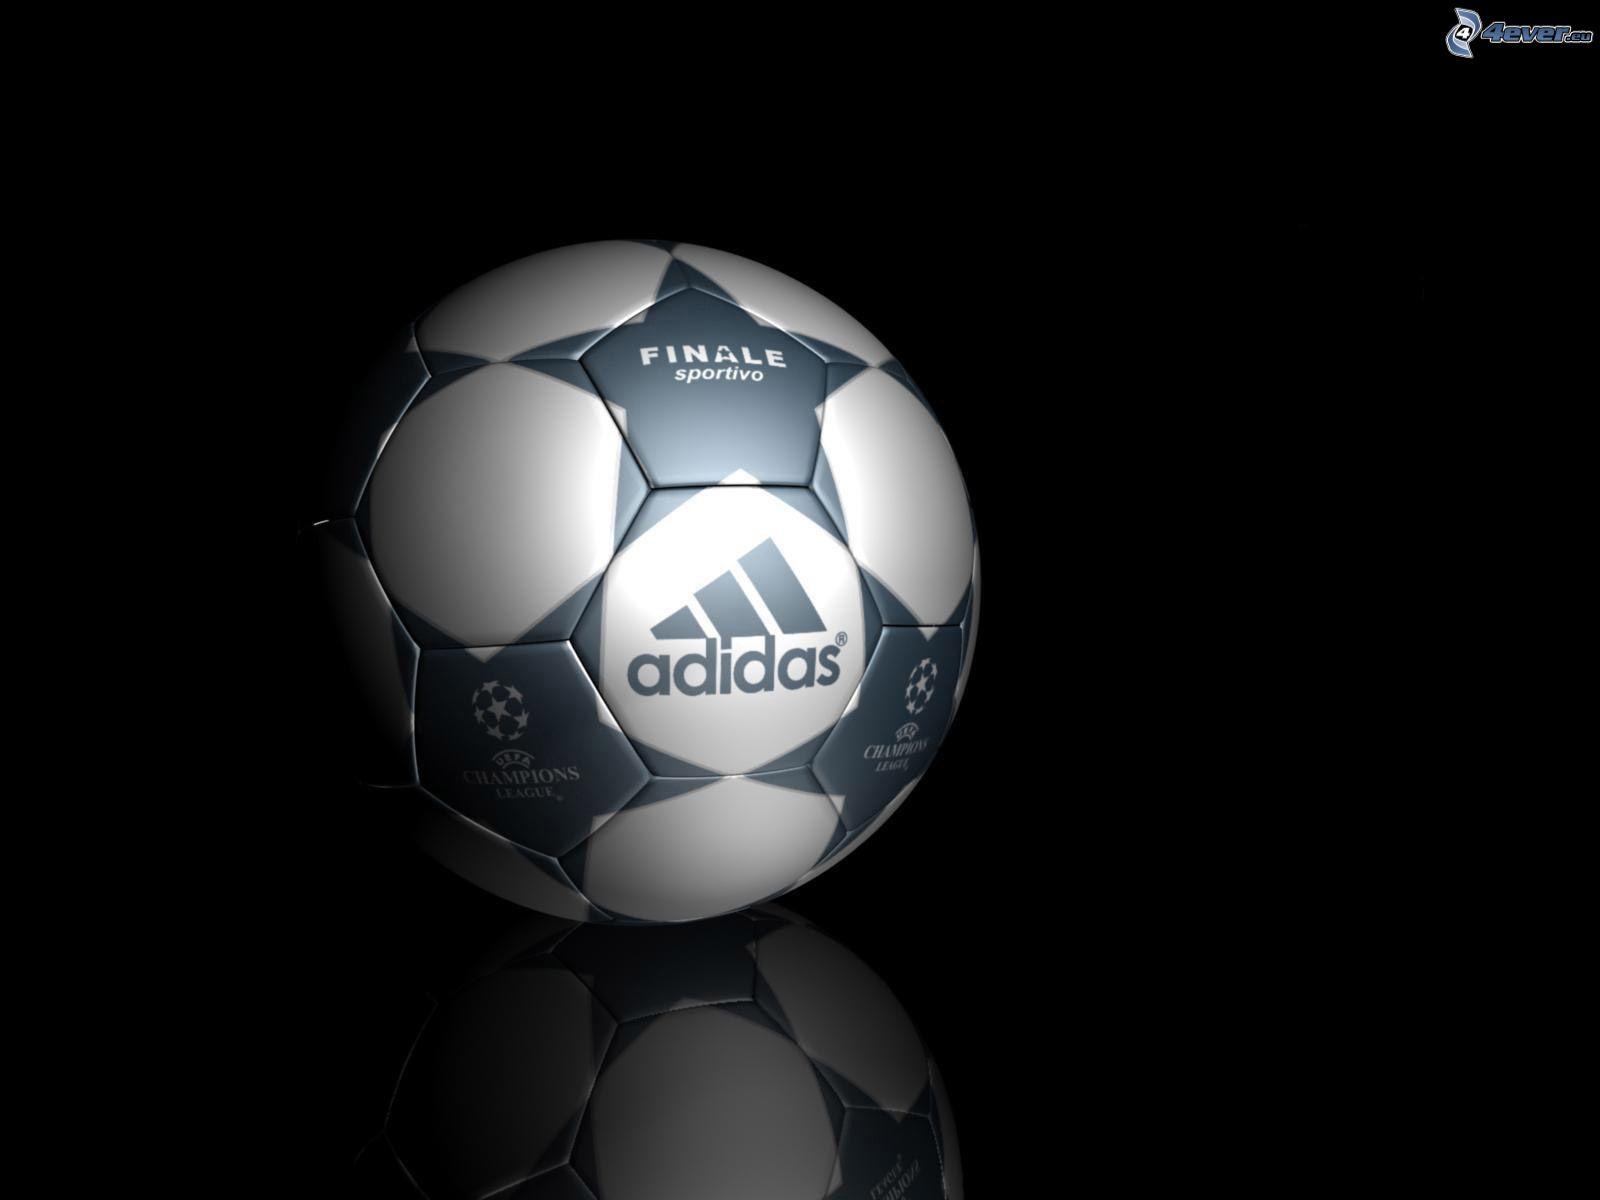 Ballon de football - Adidas football hd wallpapers ...